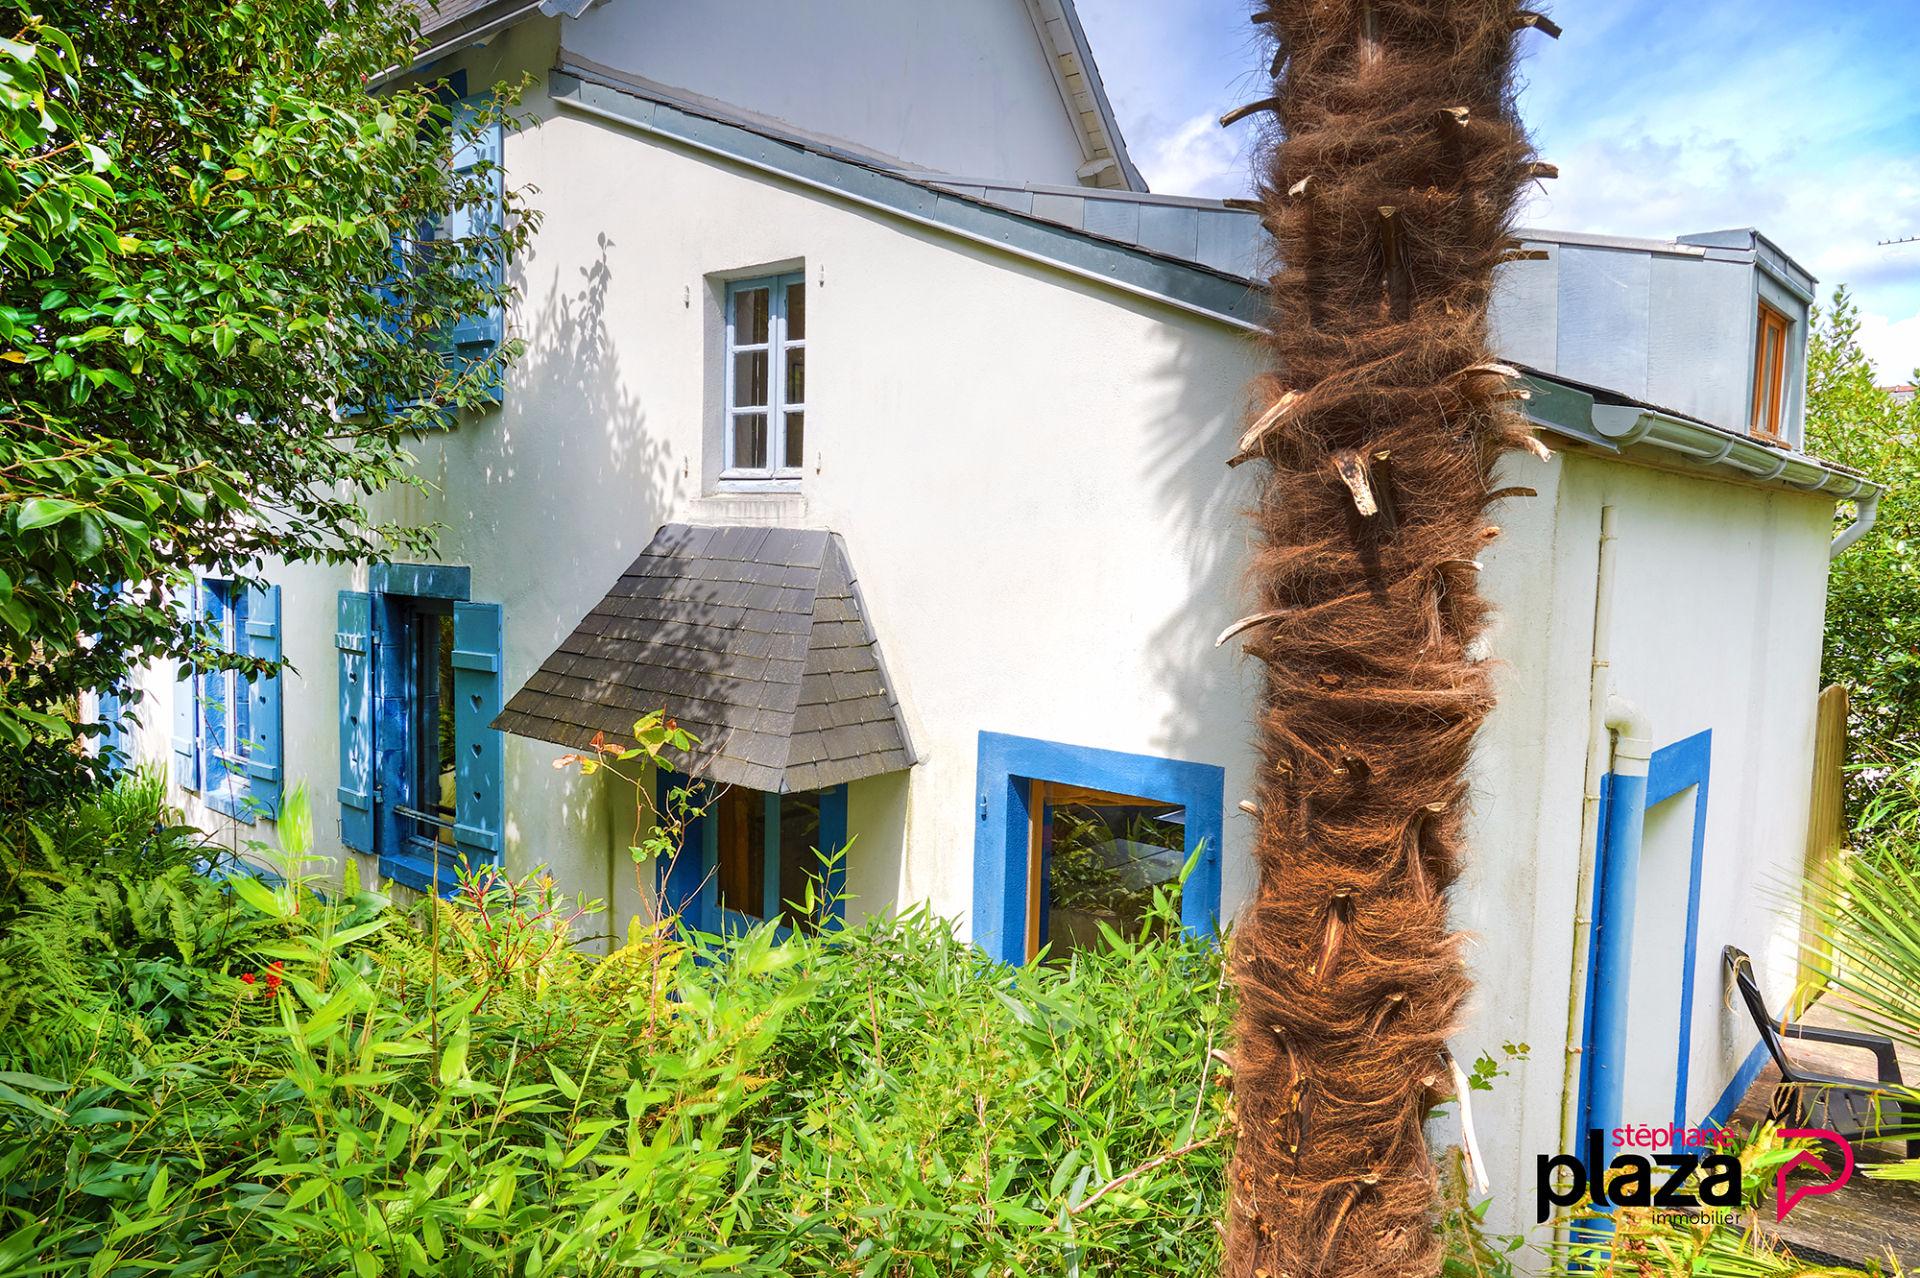 Vente maison à quimper 6 pièces 120 m²